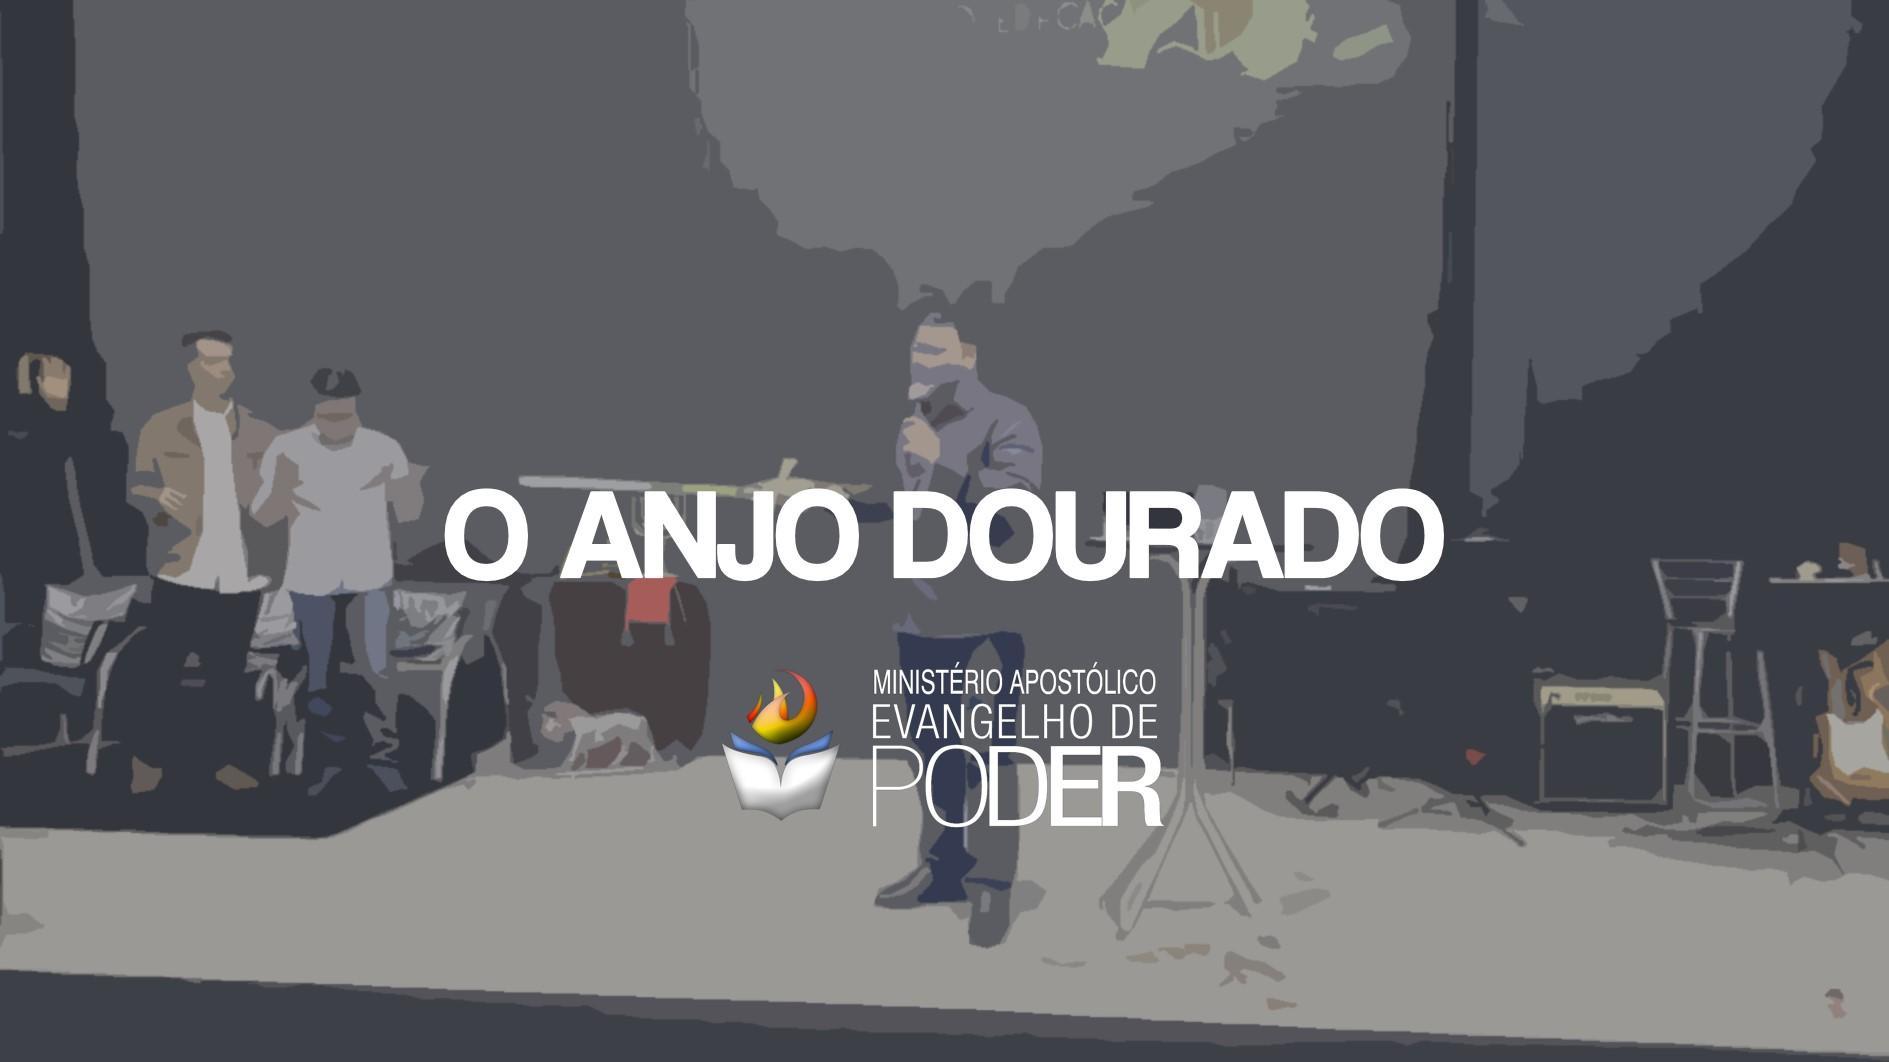 O ANJO DOURADO - PROFECIA DO AP. JOEL ENGEL AO AP. MIQUÉIAS CASTREZE